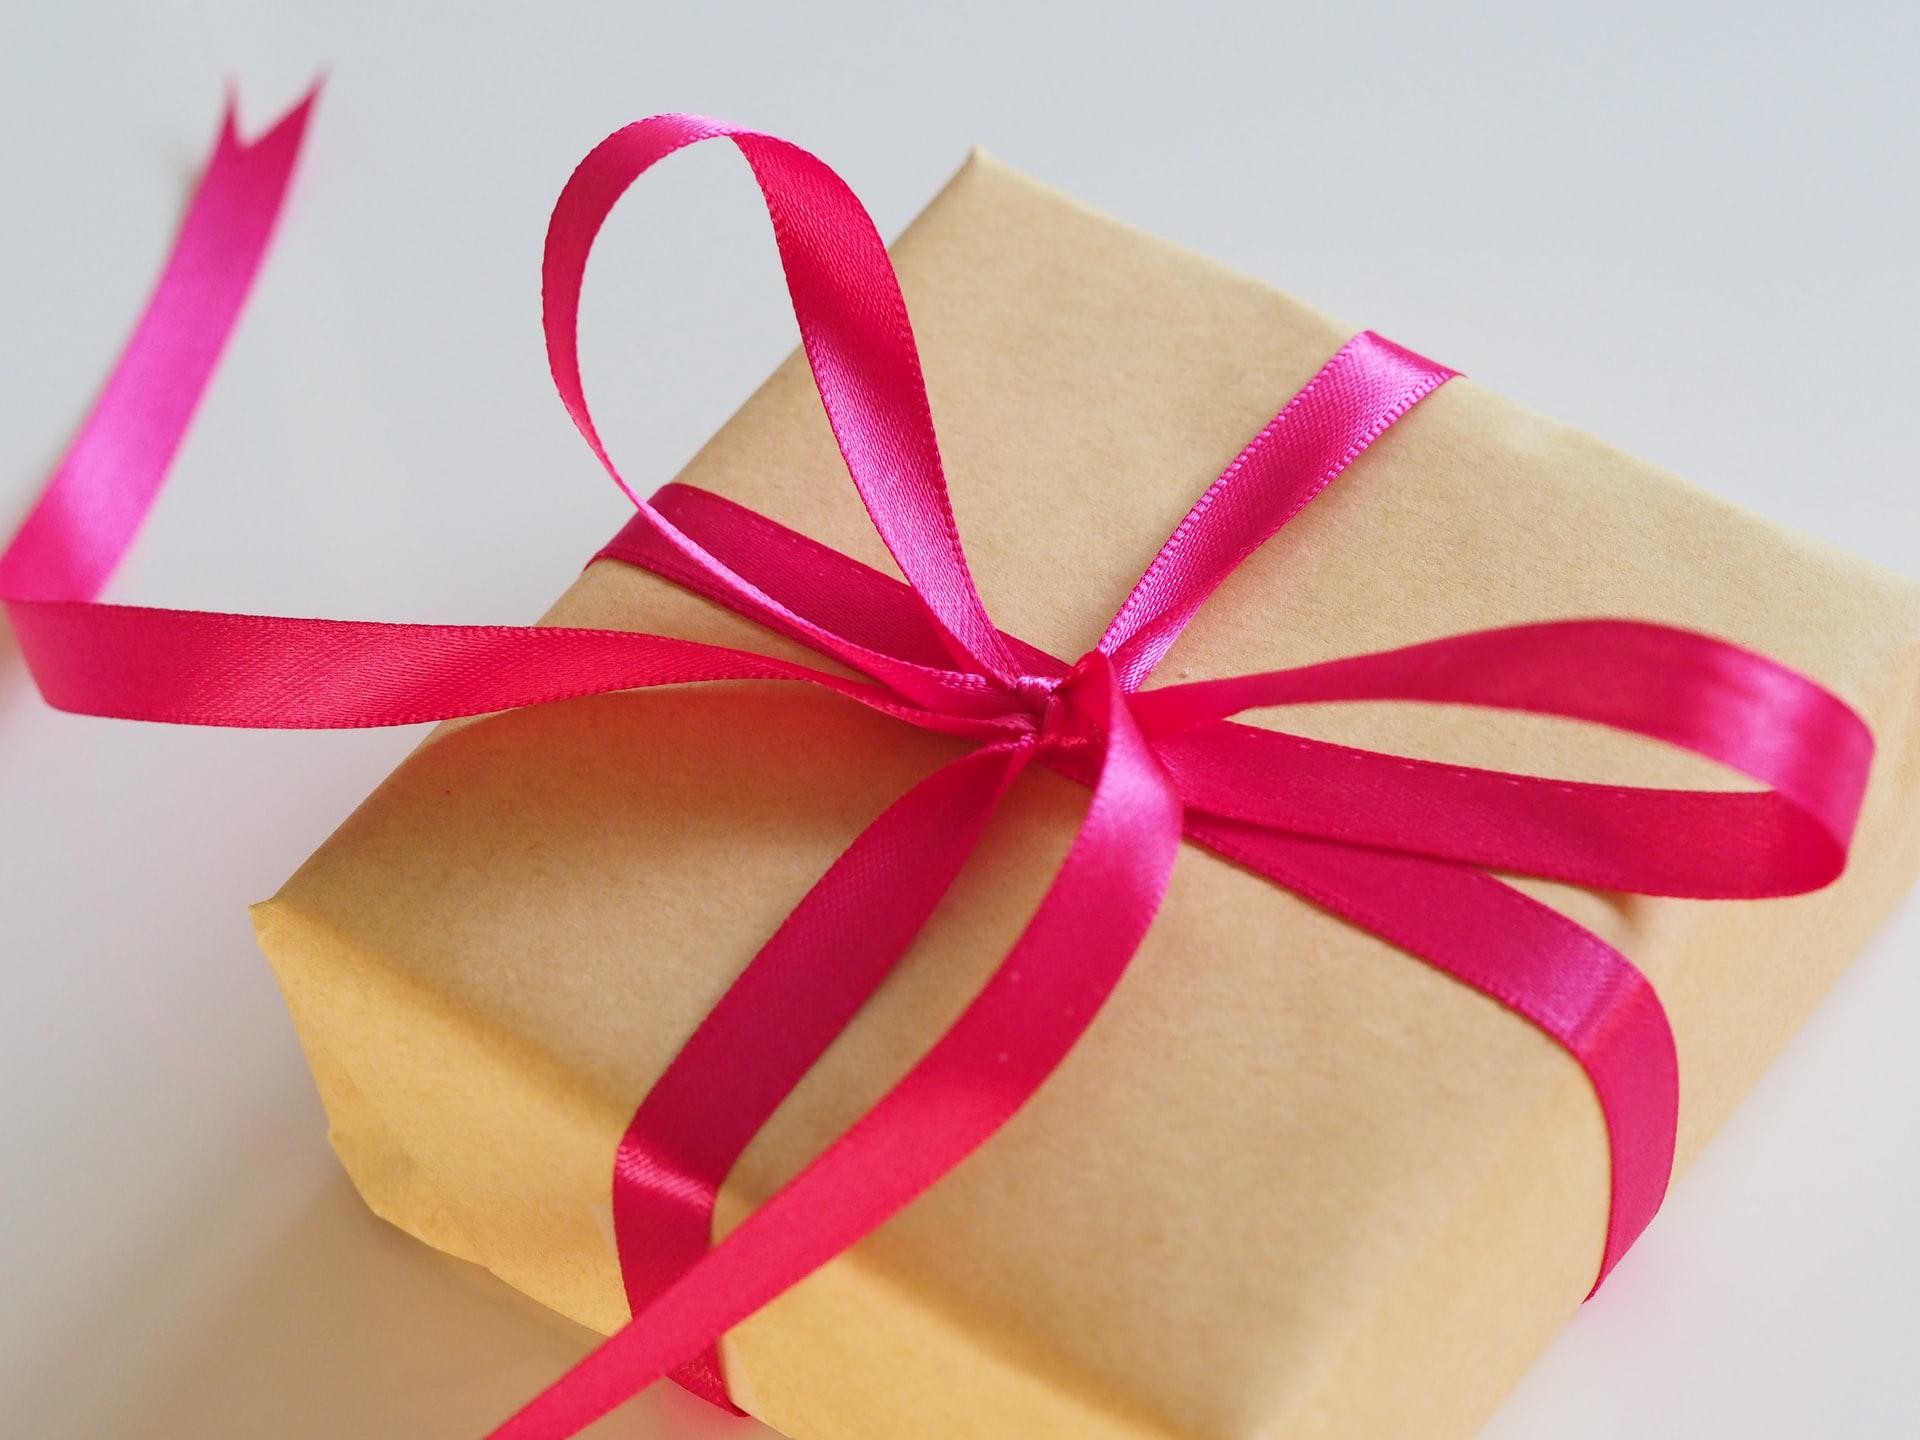 Giv en gave, der skiller sig ud